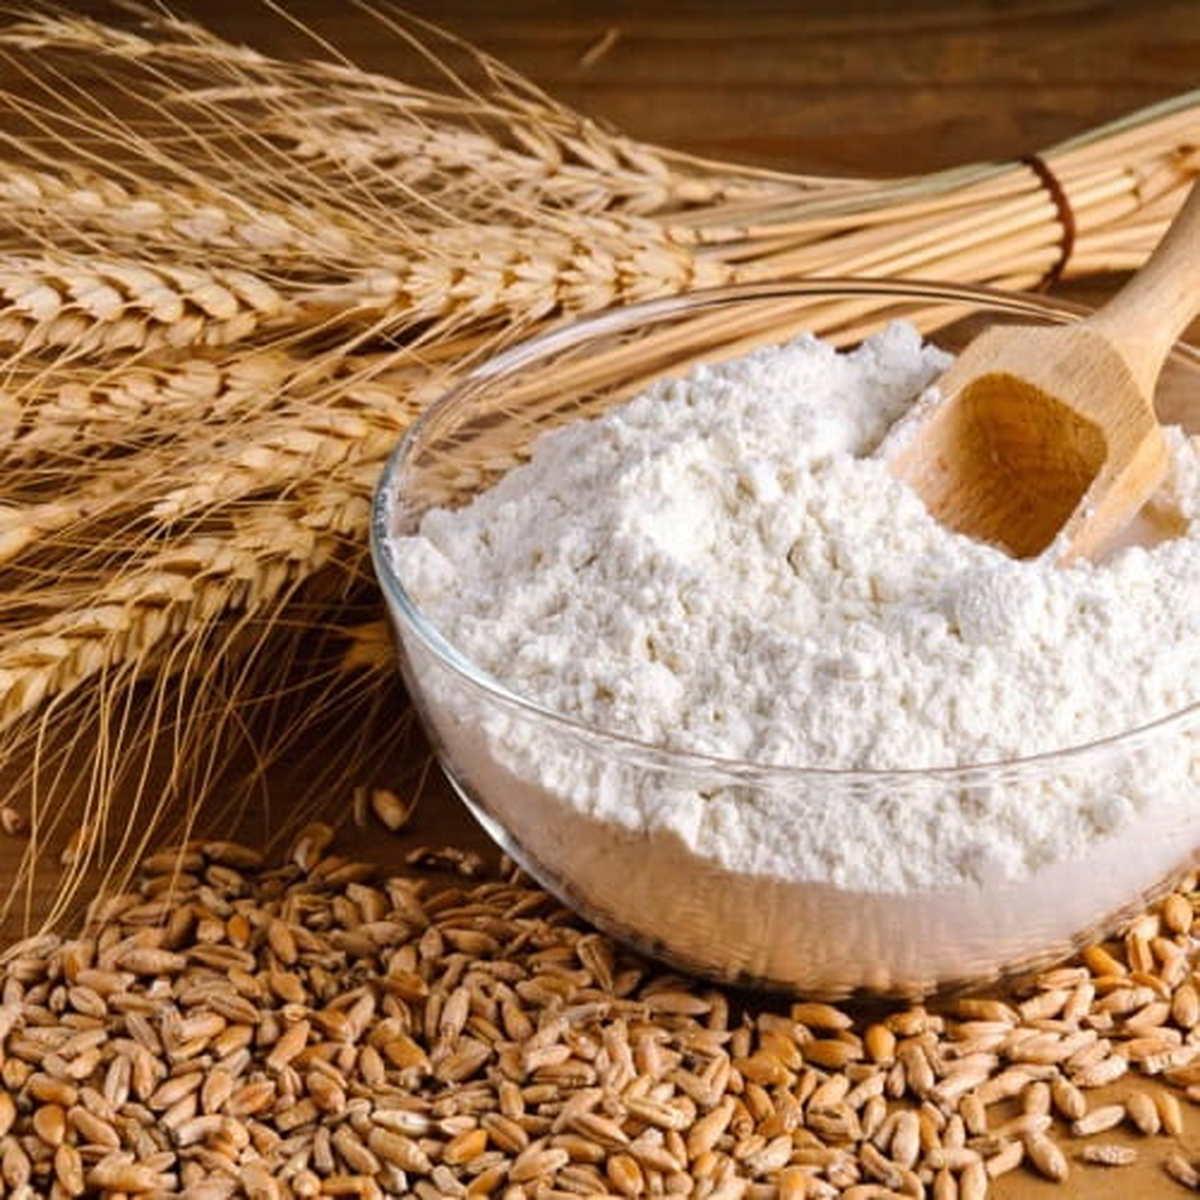 گرانی ۶۰ درصدی محصولات پایین دستی آرد به زودی - موج نیوز 1400/03/08